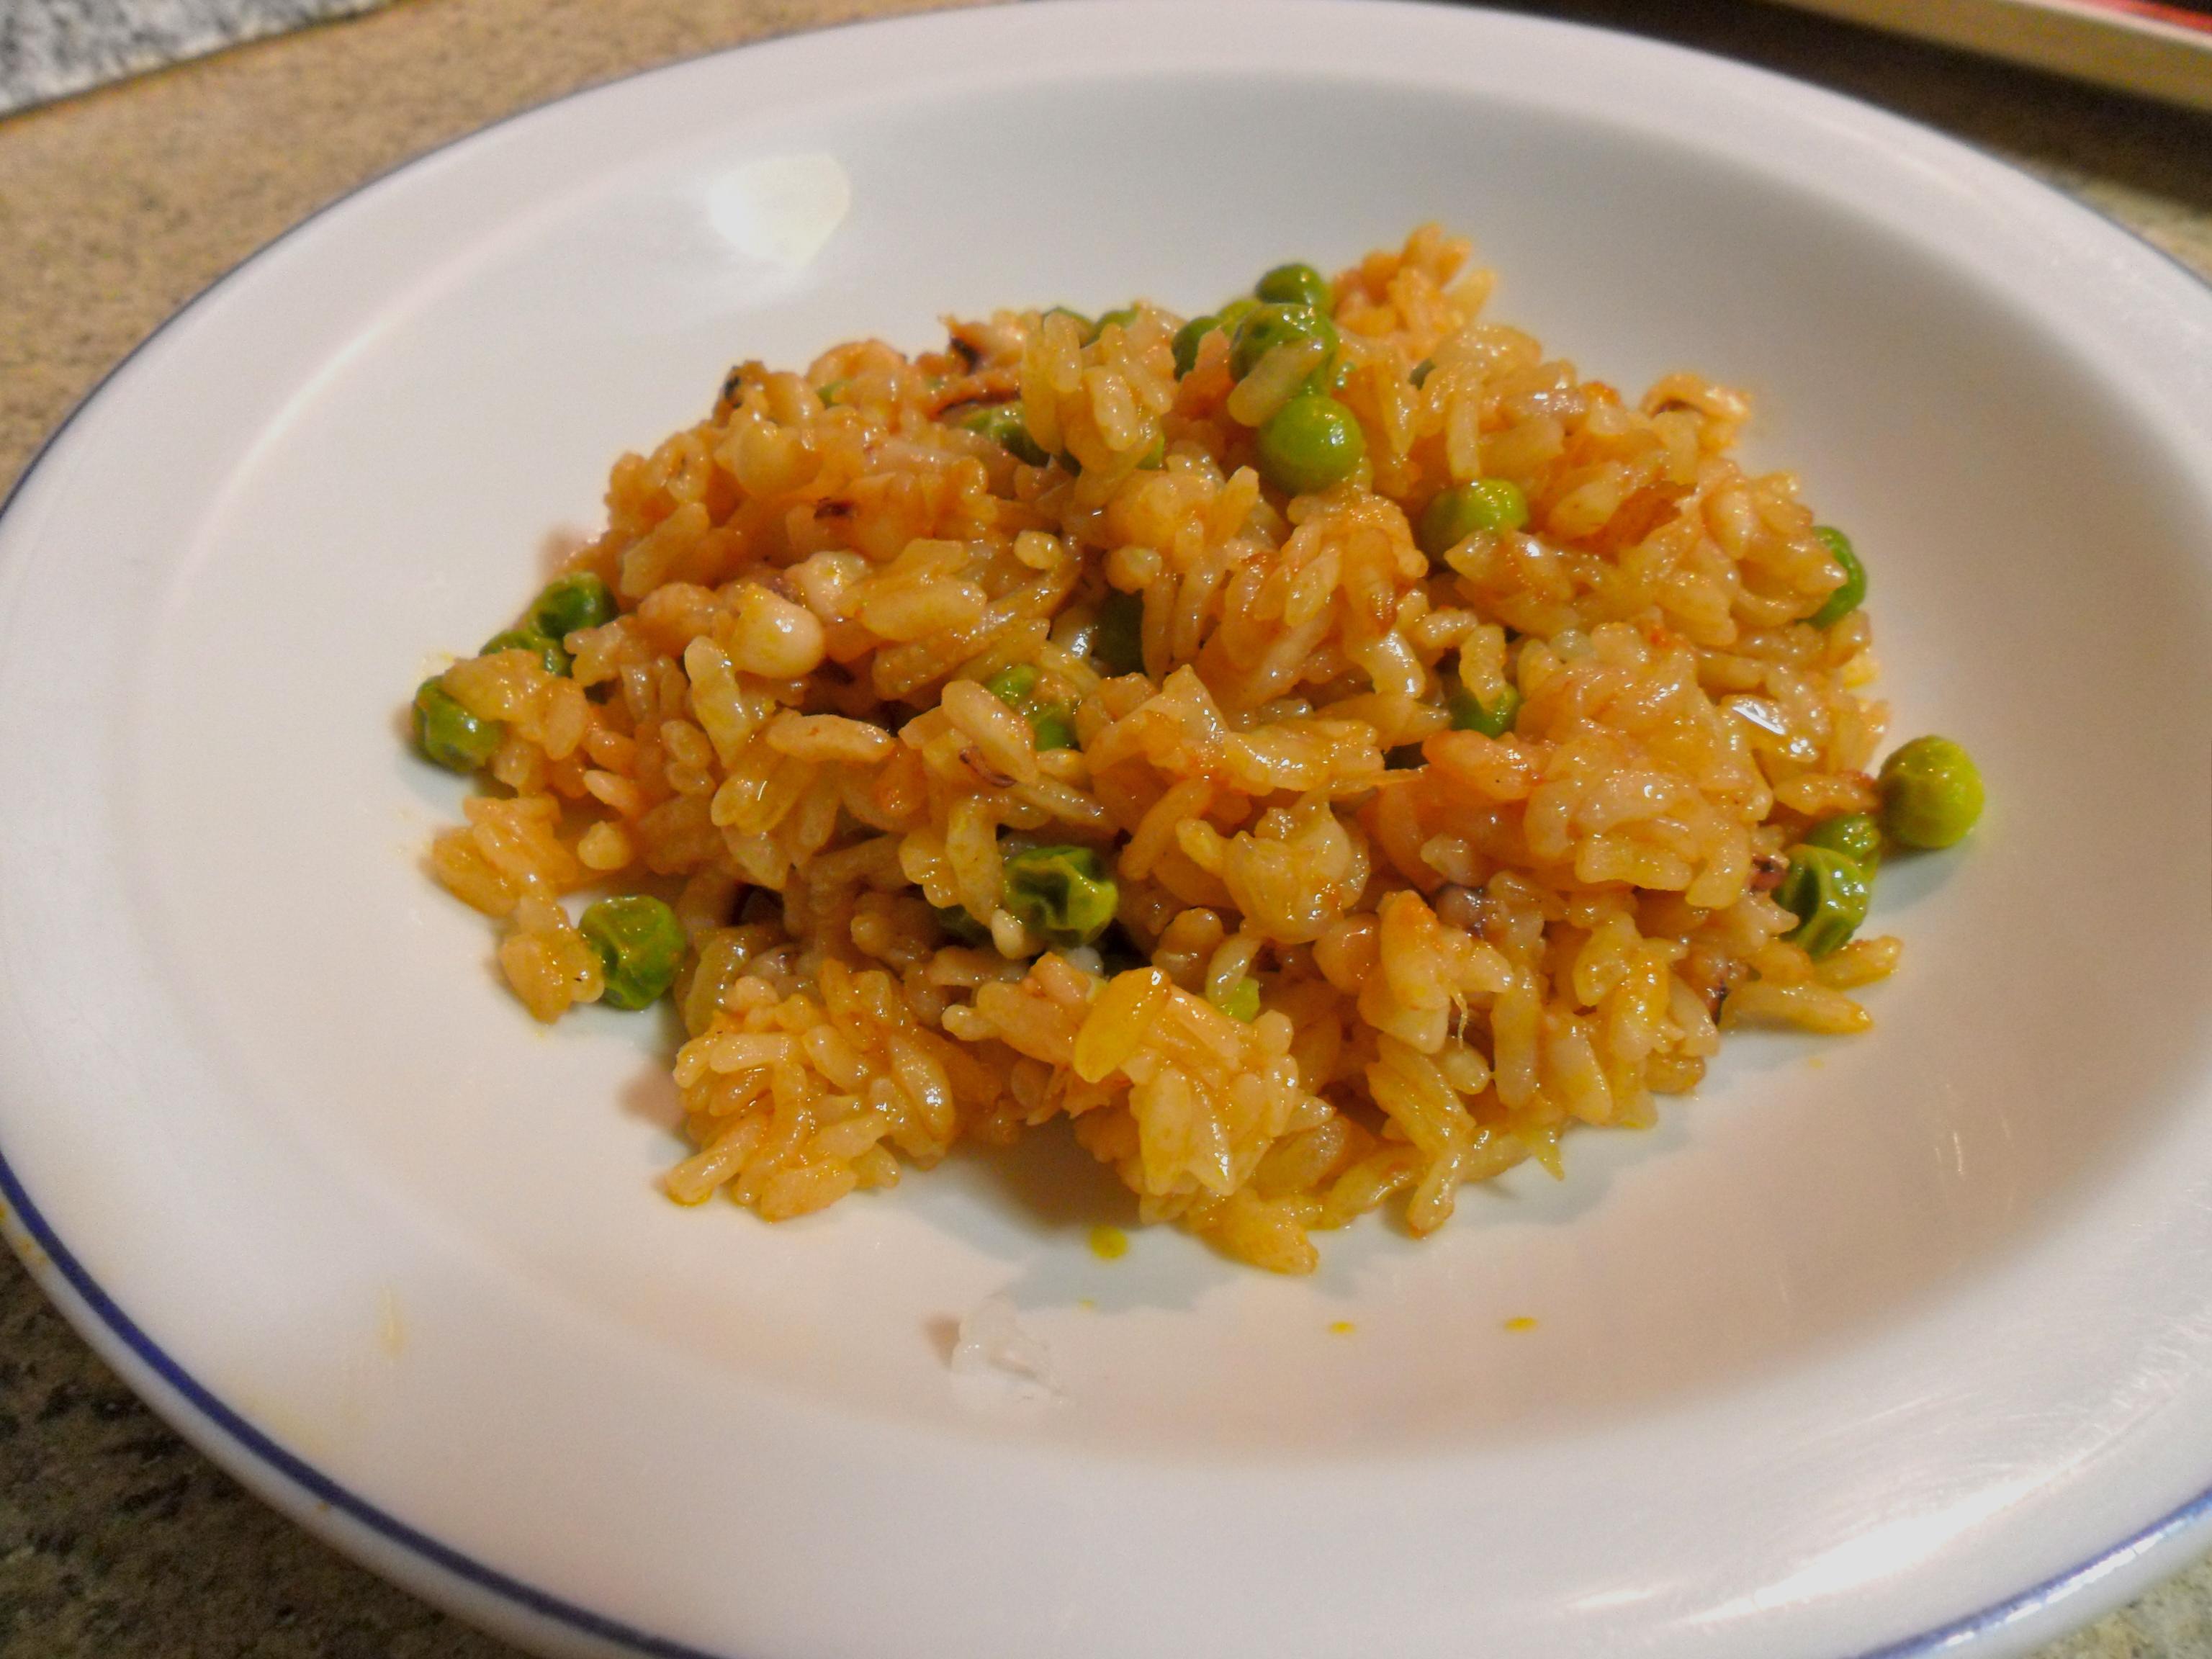 primi piatti : riso calamari e piselli